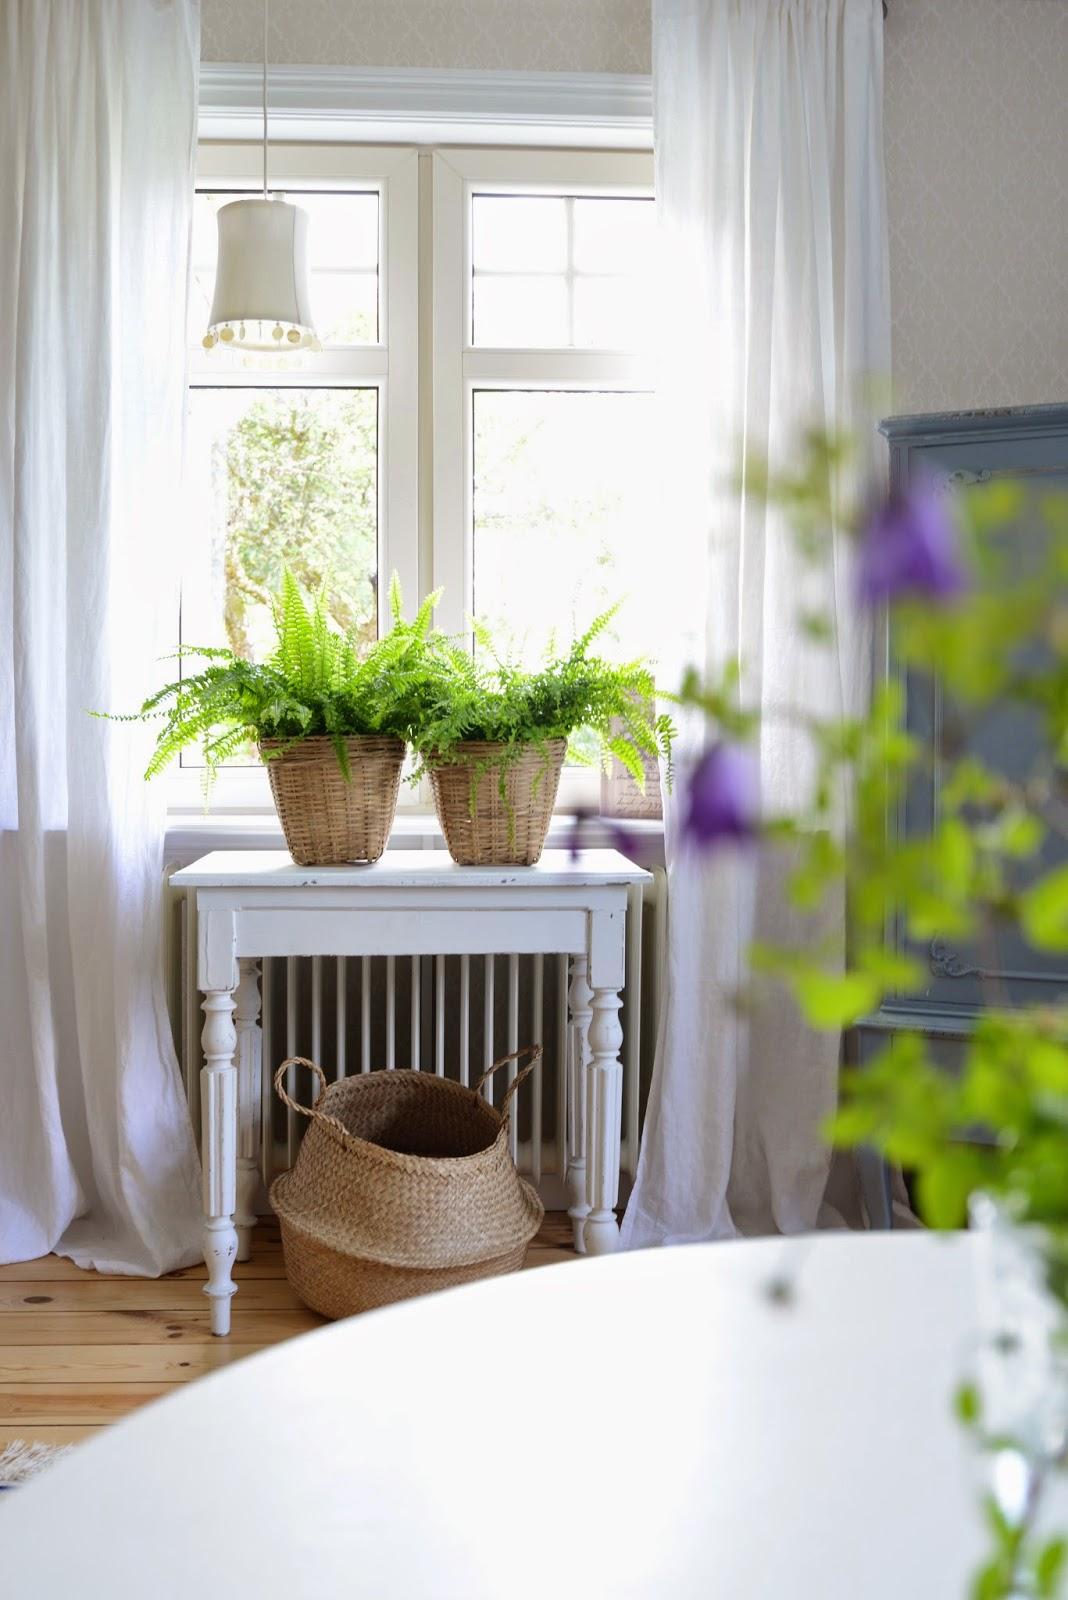 Add: design / anna stenberg / lantligt på svanängen: var dags ...